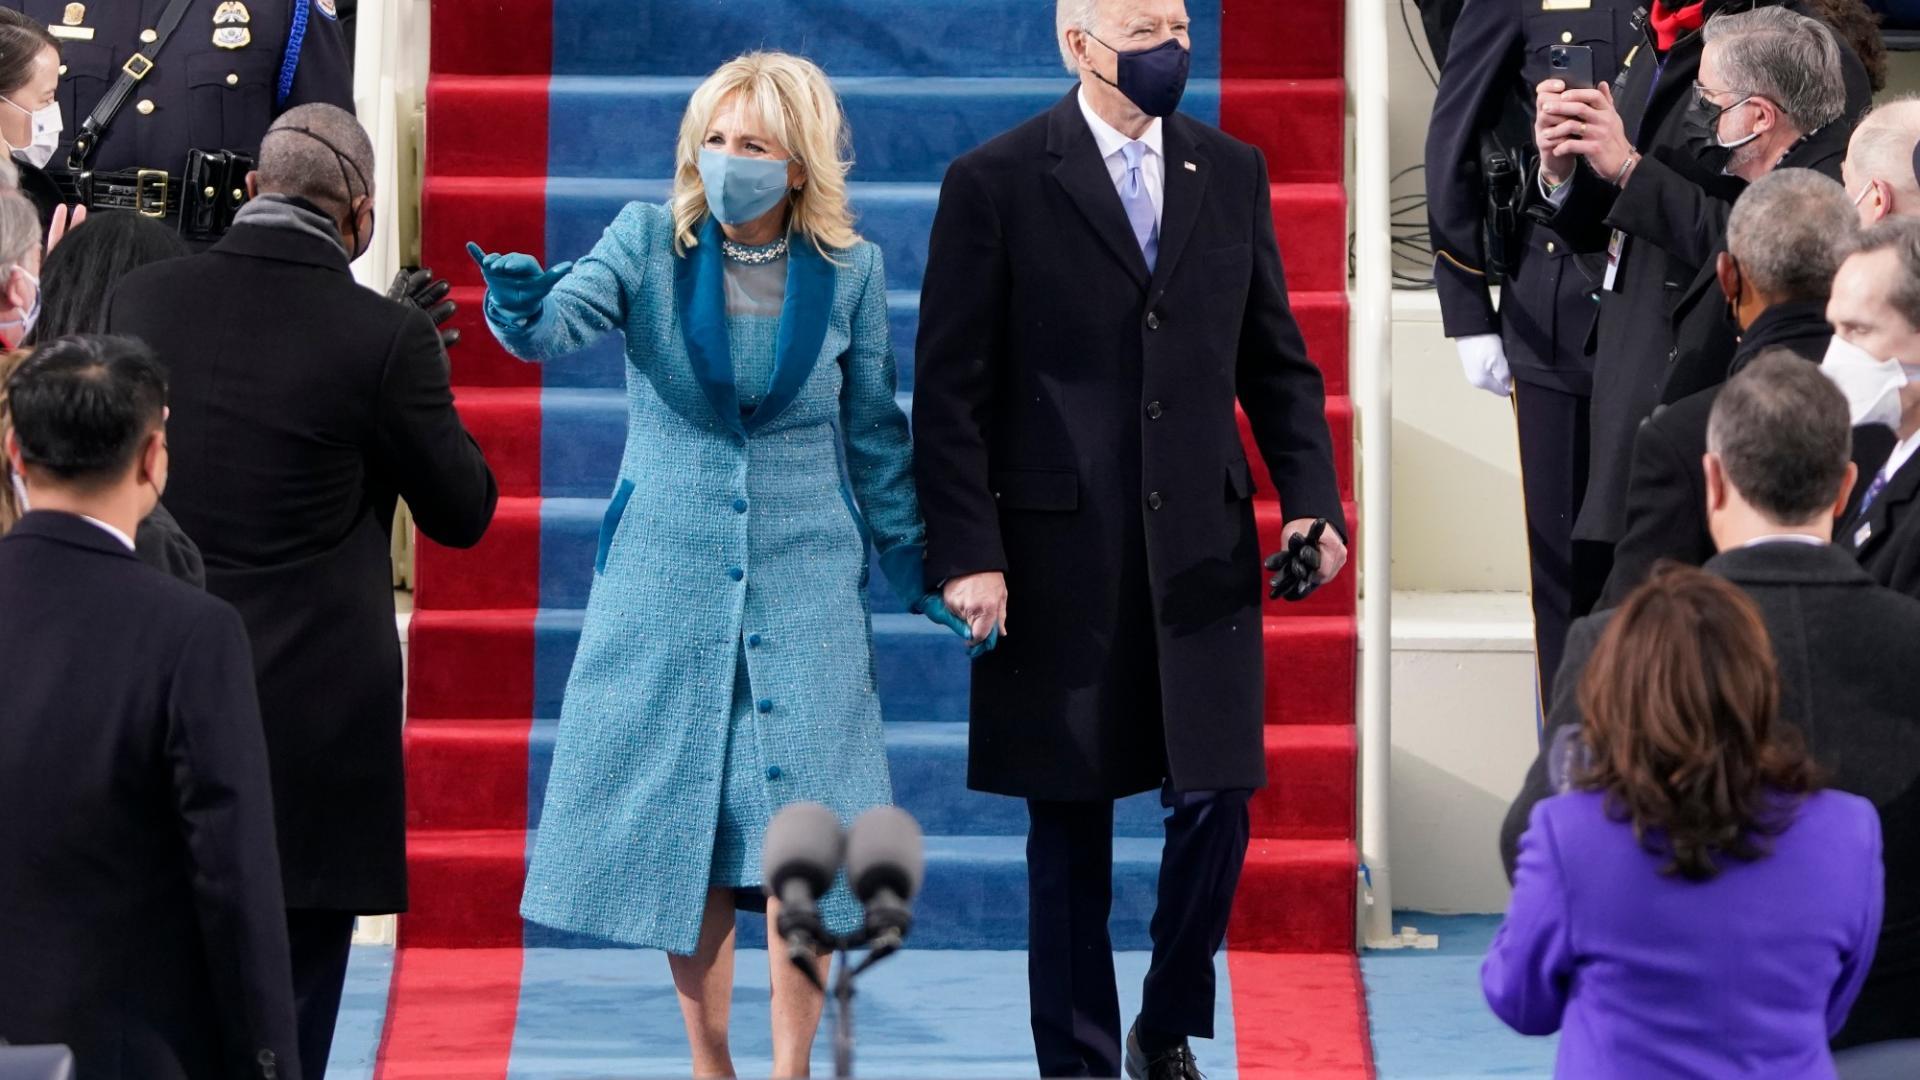 Jill & Joe Biden